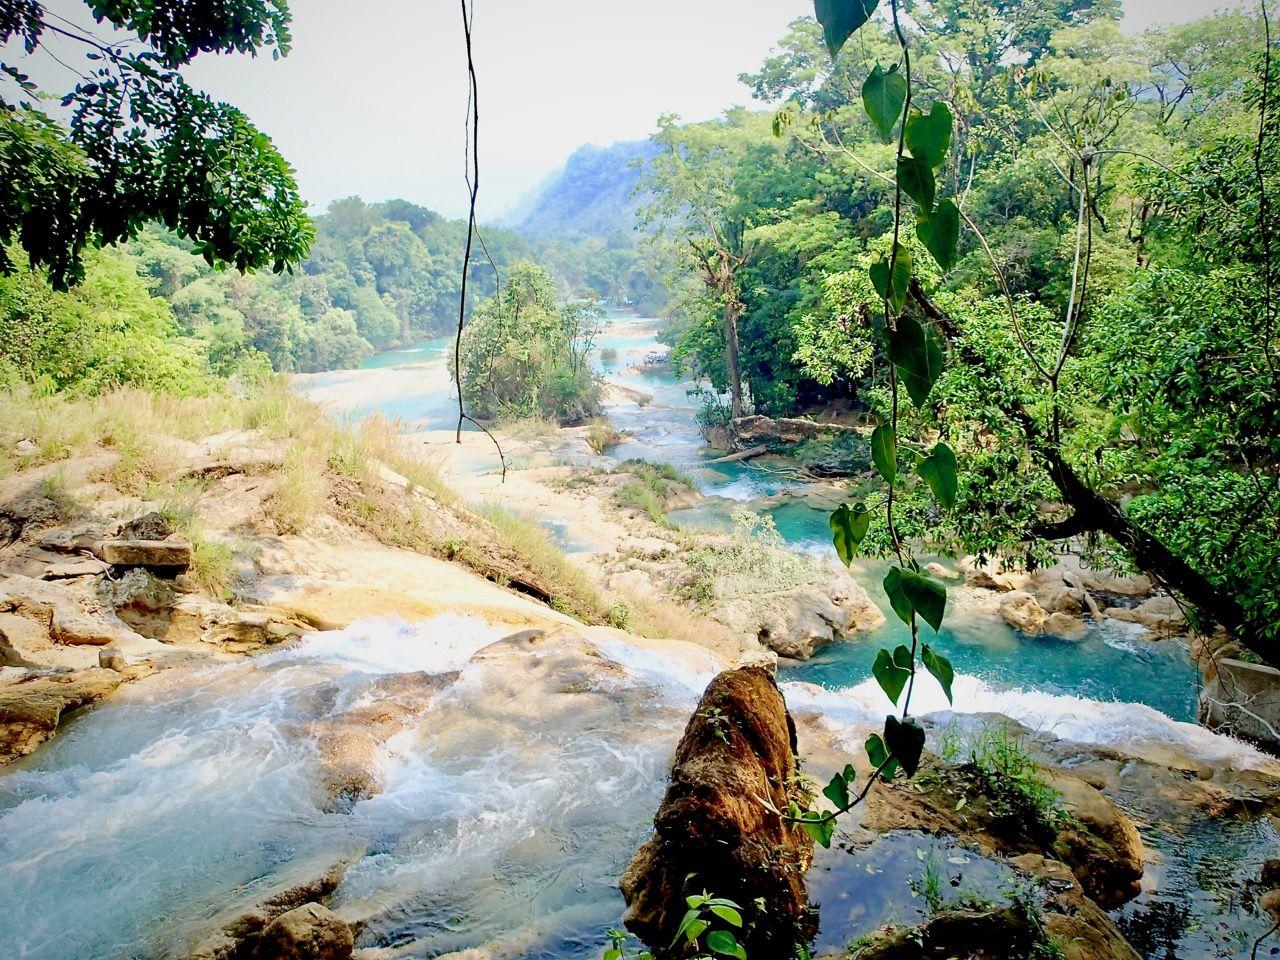 Agua Azul je jedním z nejznámějších turistických cílů Chiapas